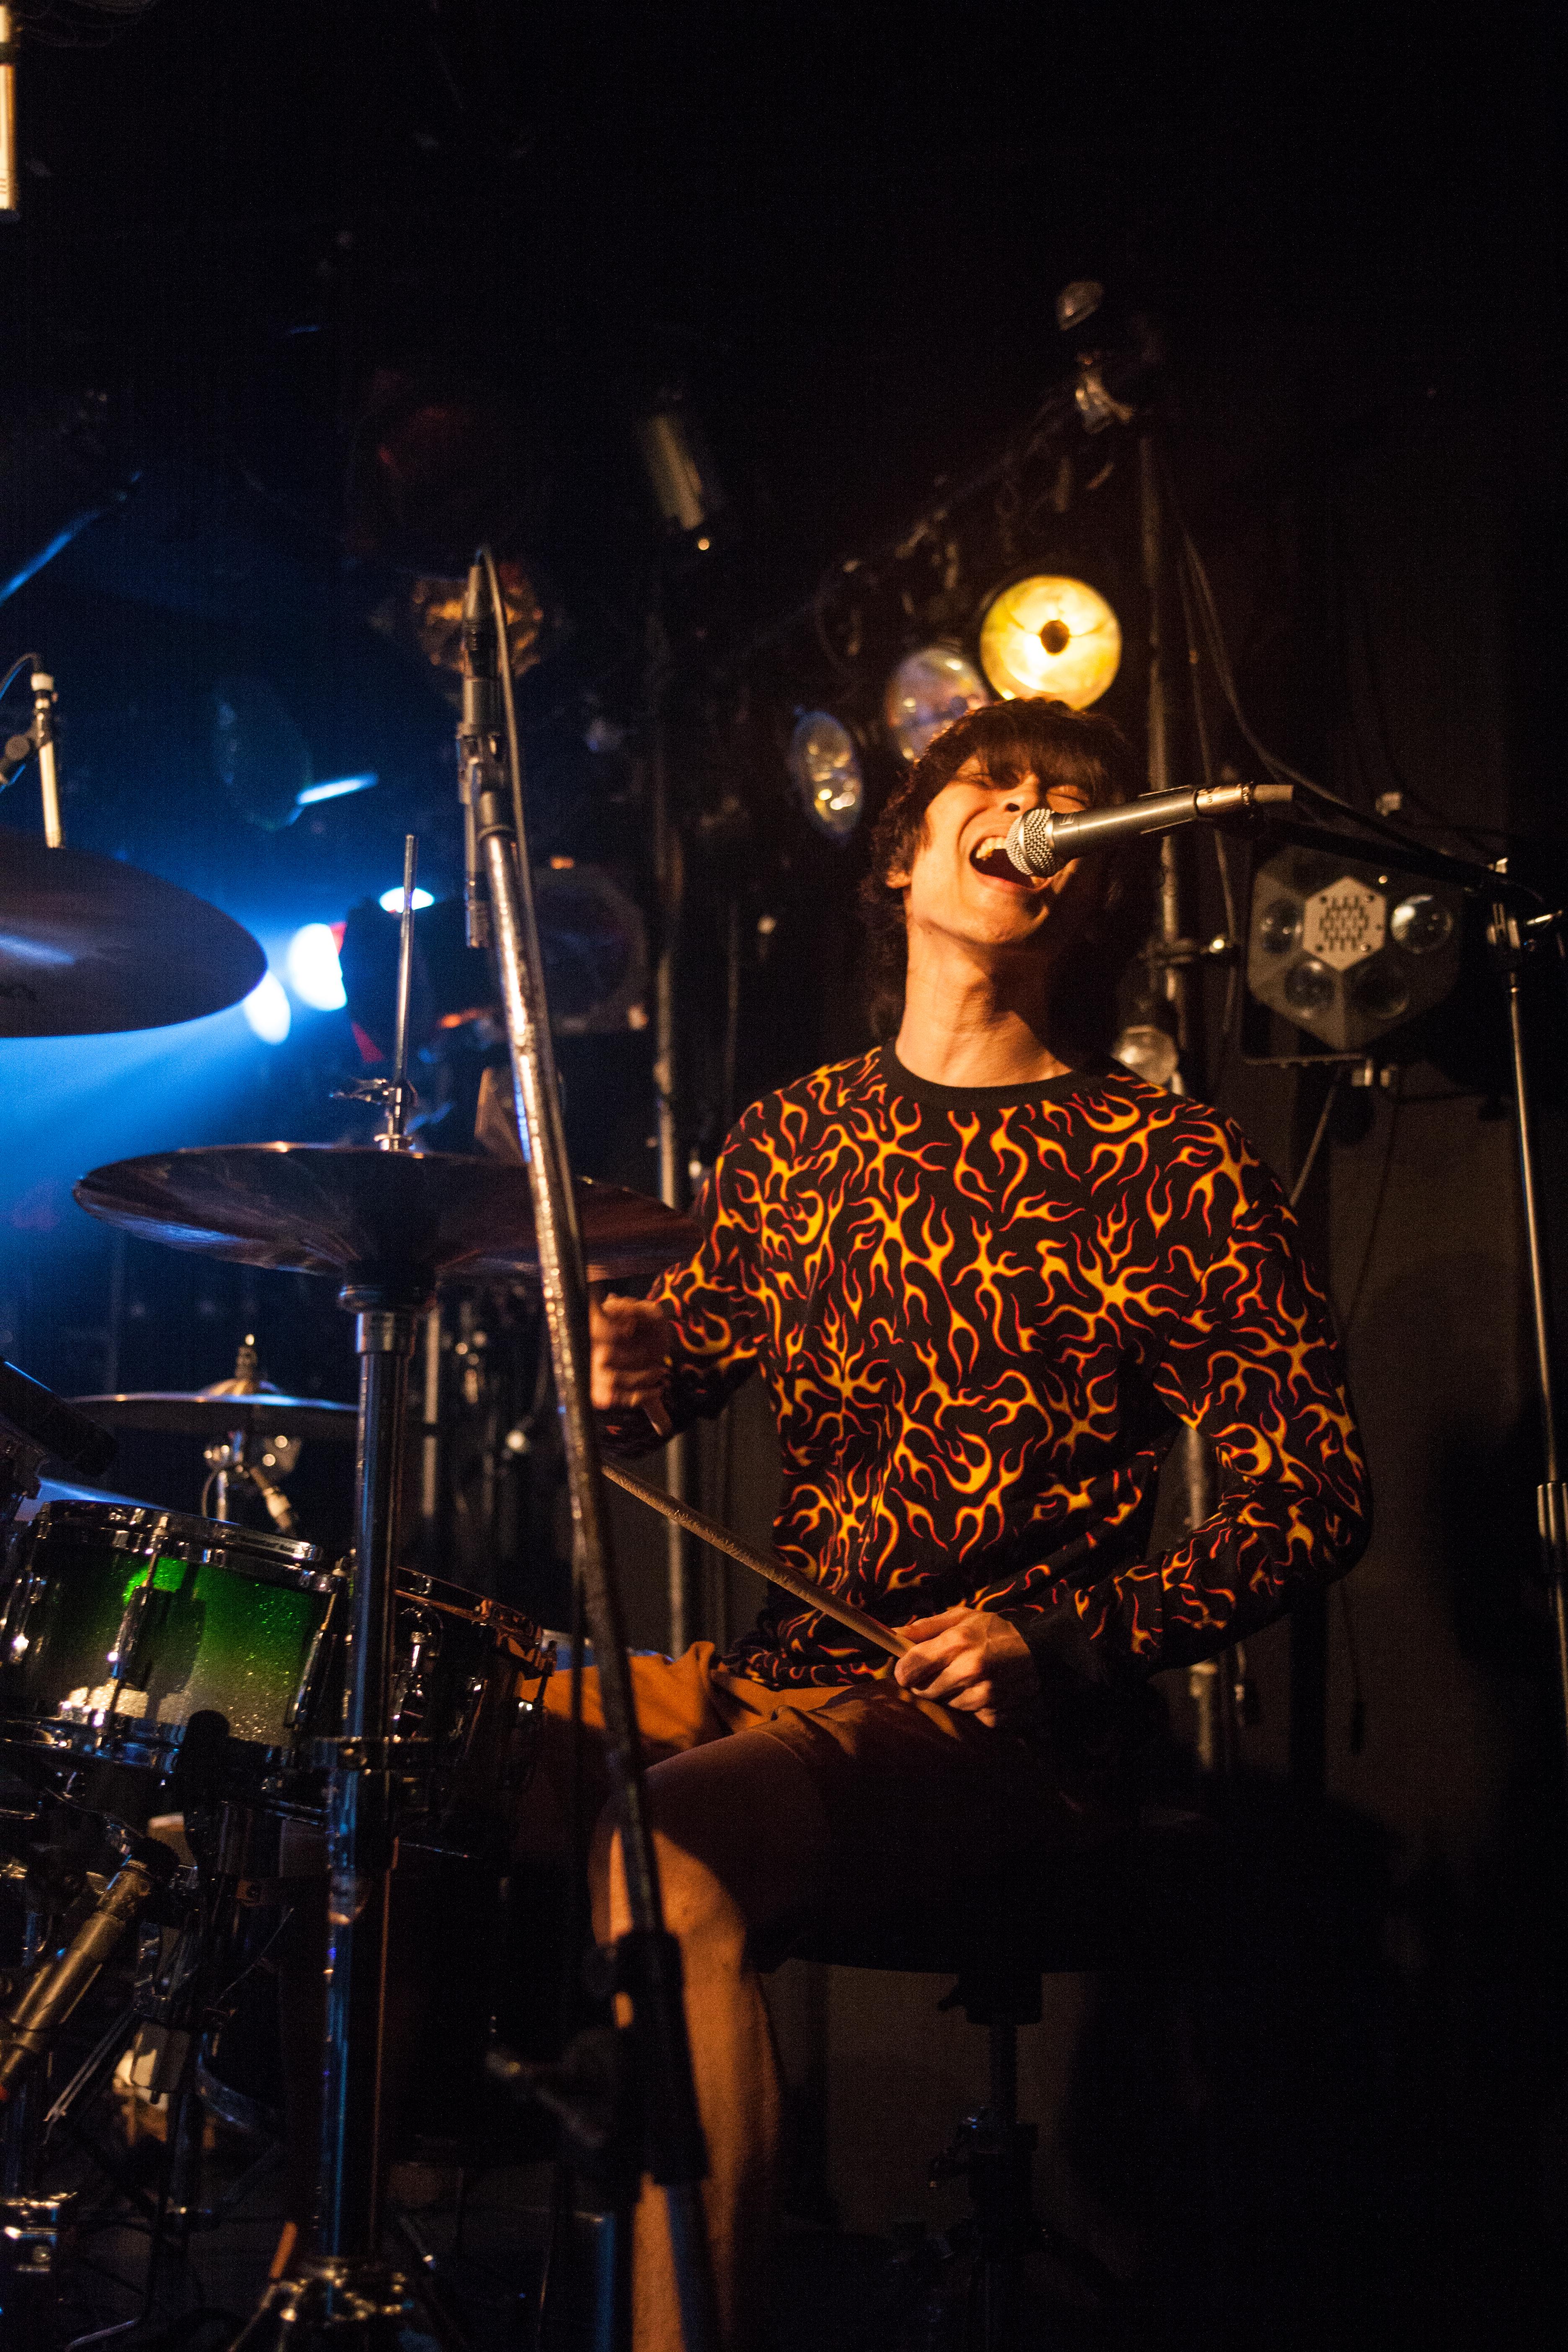 2017.12.31 渋谷La.mama